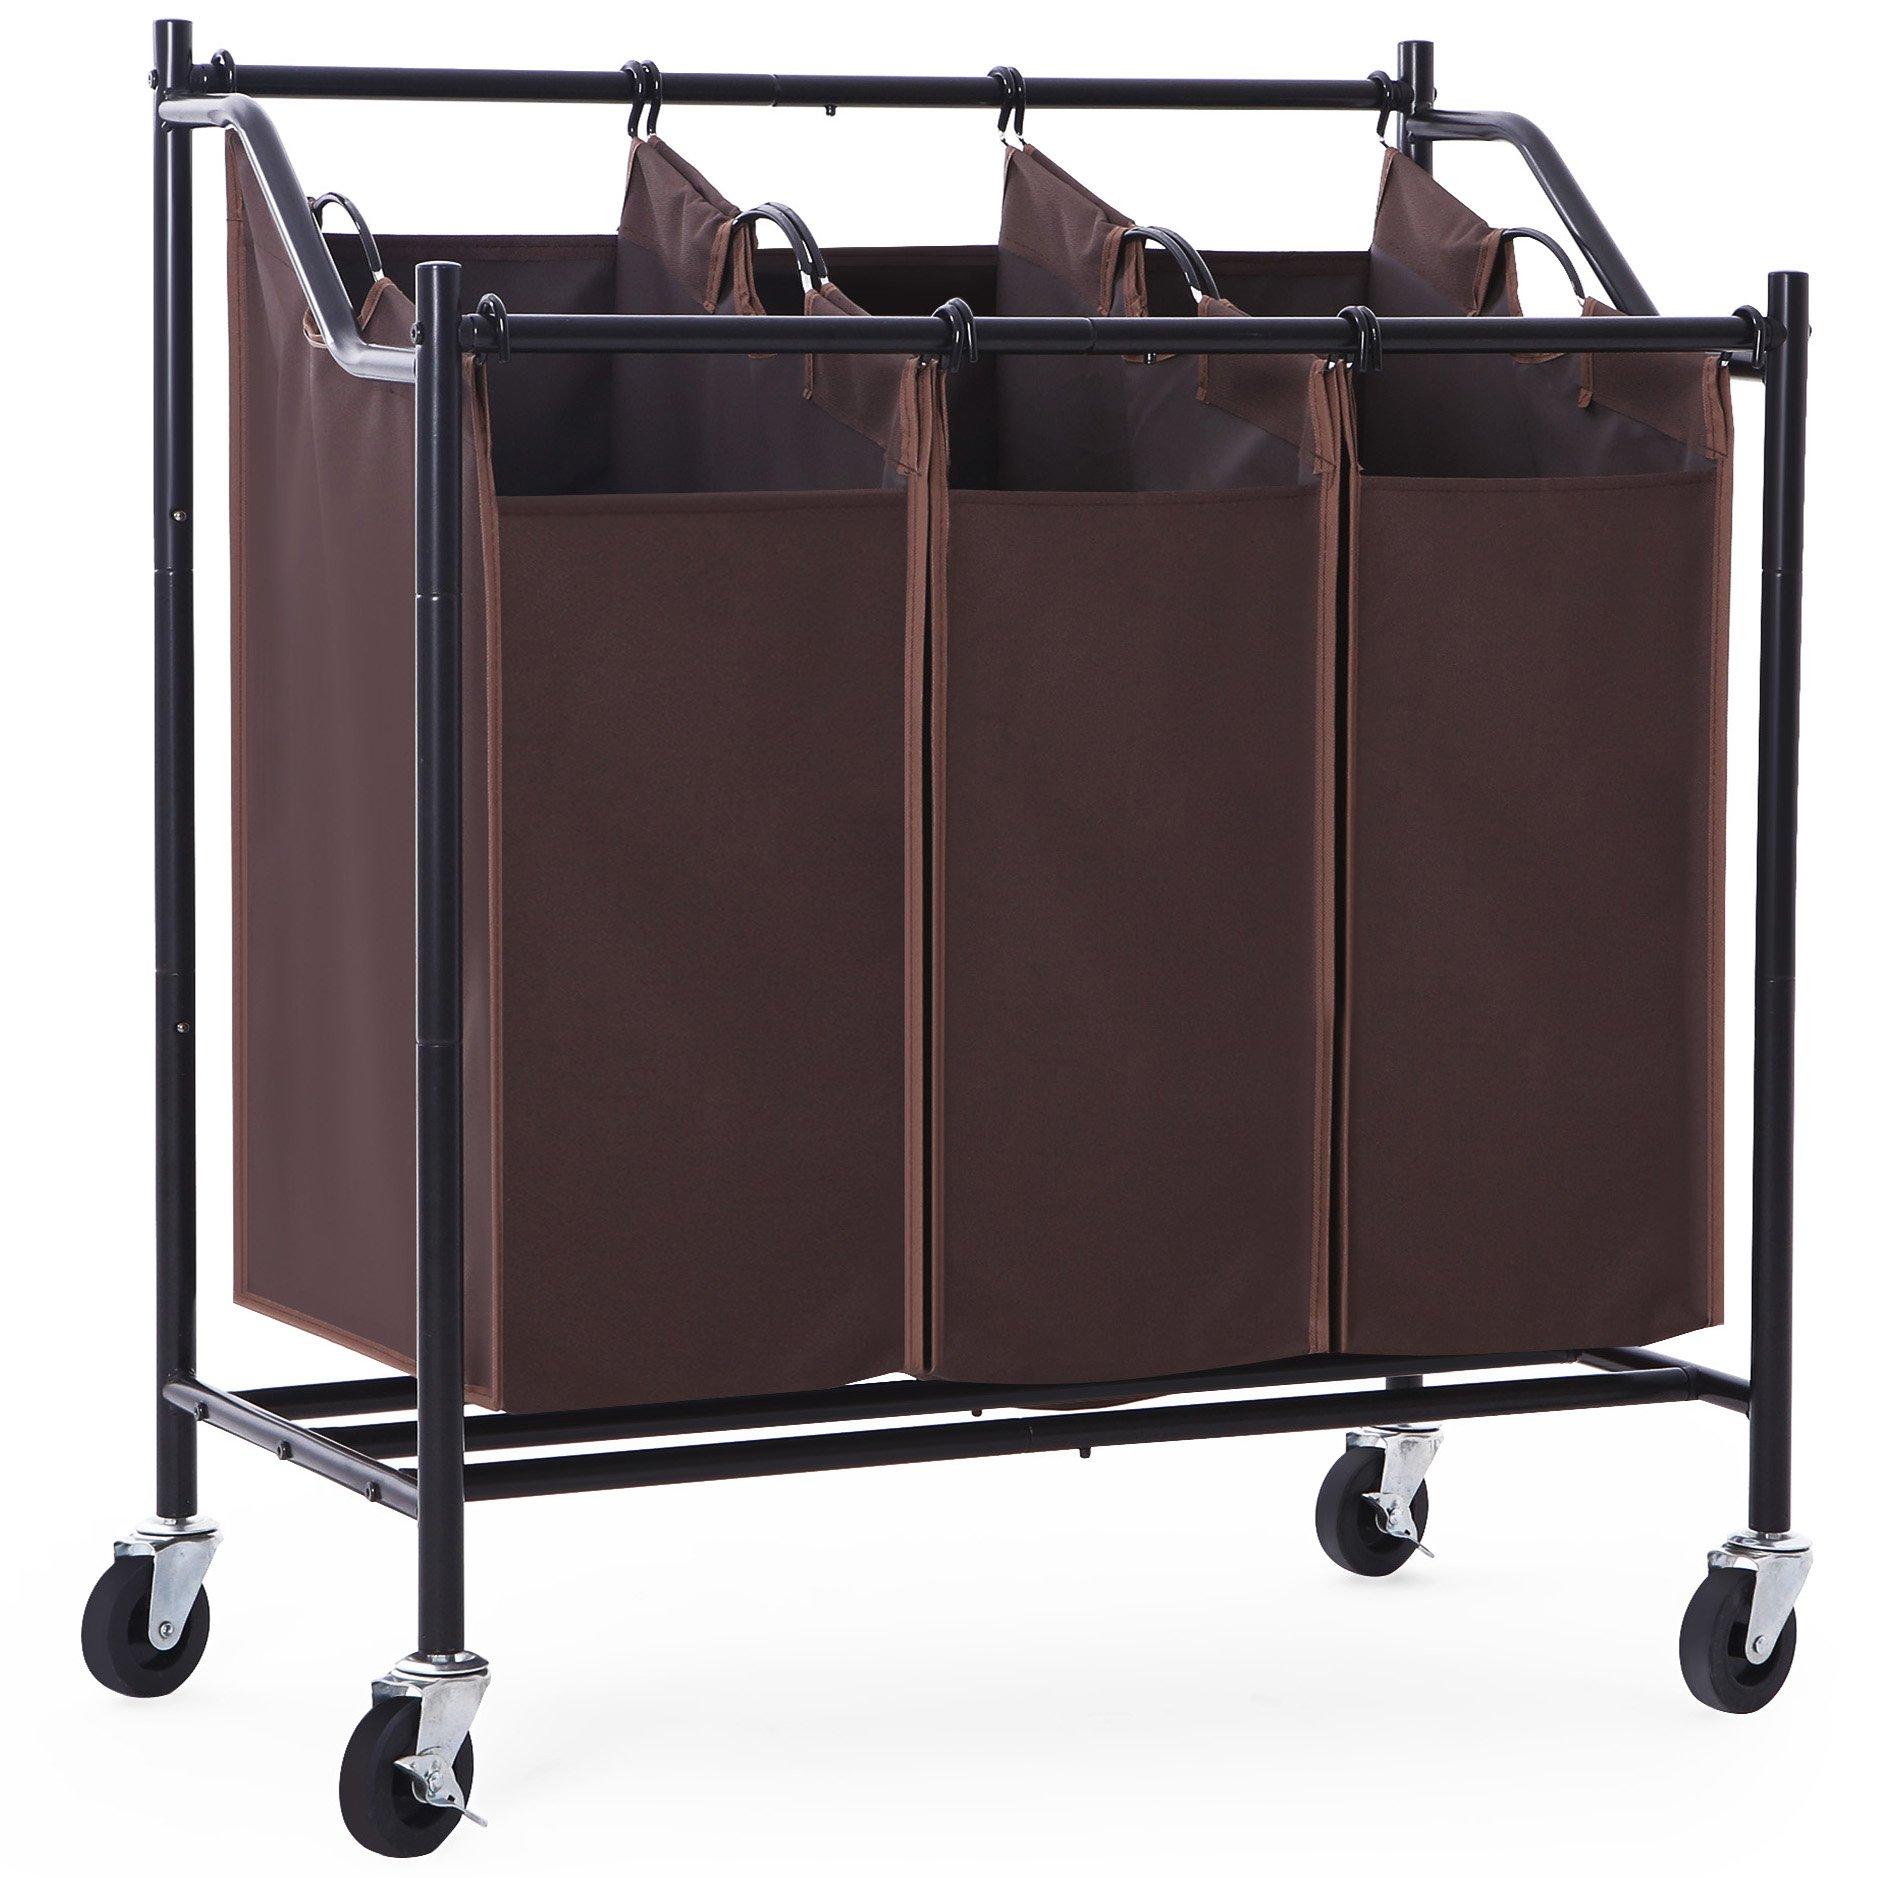 SONGMICS 3-Bag Laundry Sorter with Wheels Heavy Duty ...